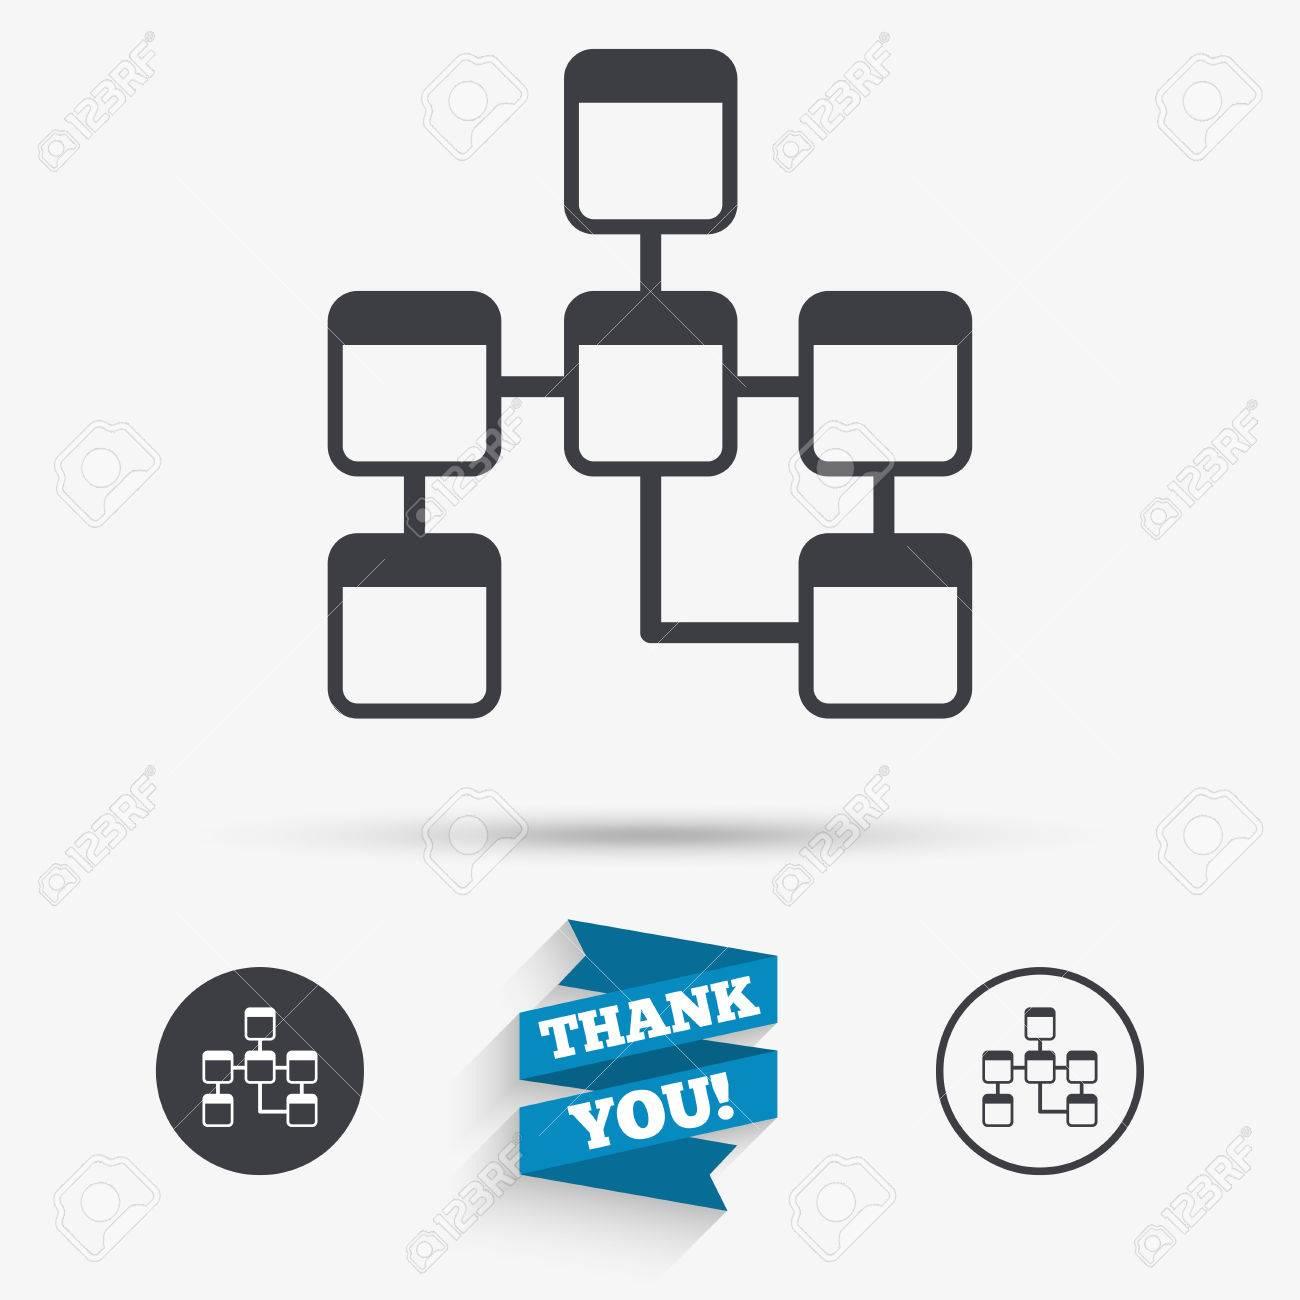 Database Sign Icon. Relational Database Schema Symbol. Flat Icons in Relational Database Symbols